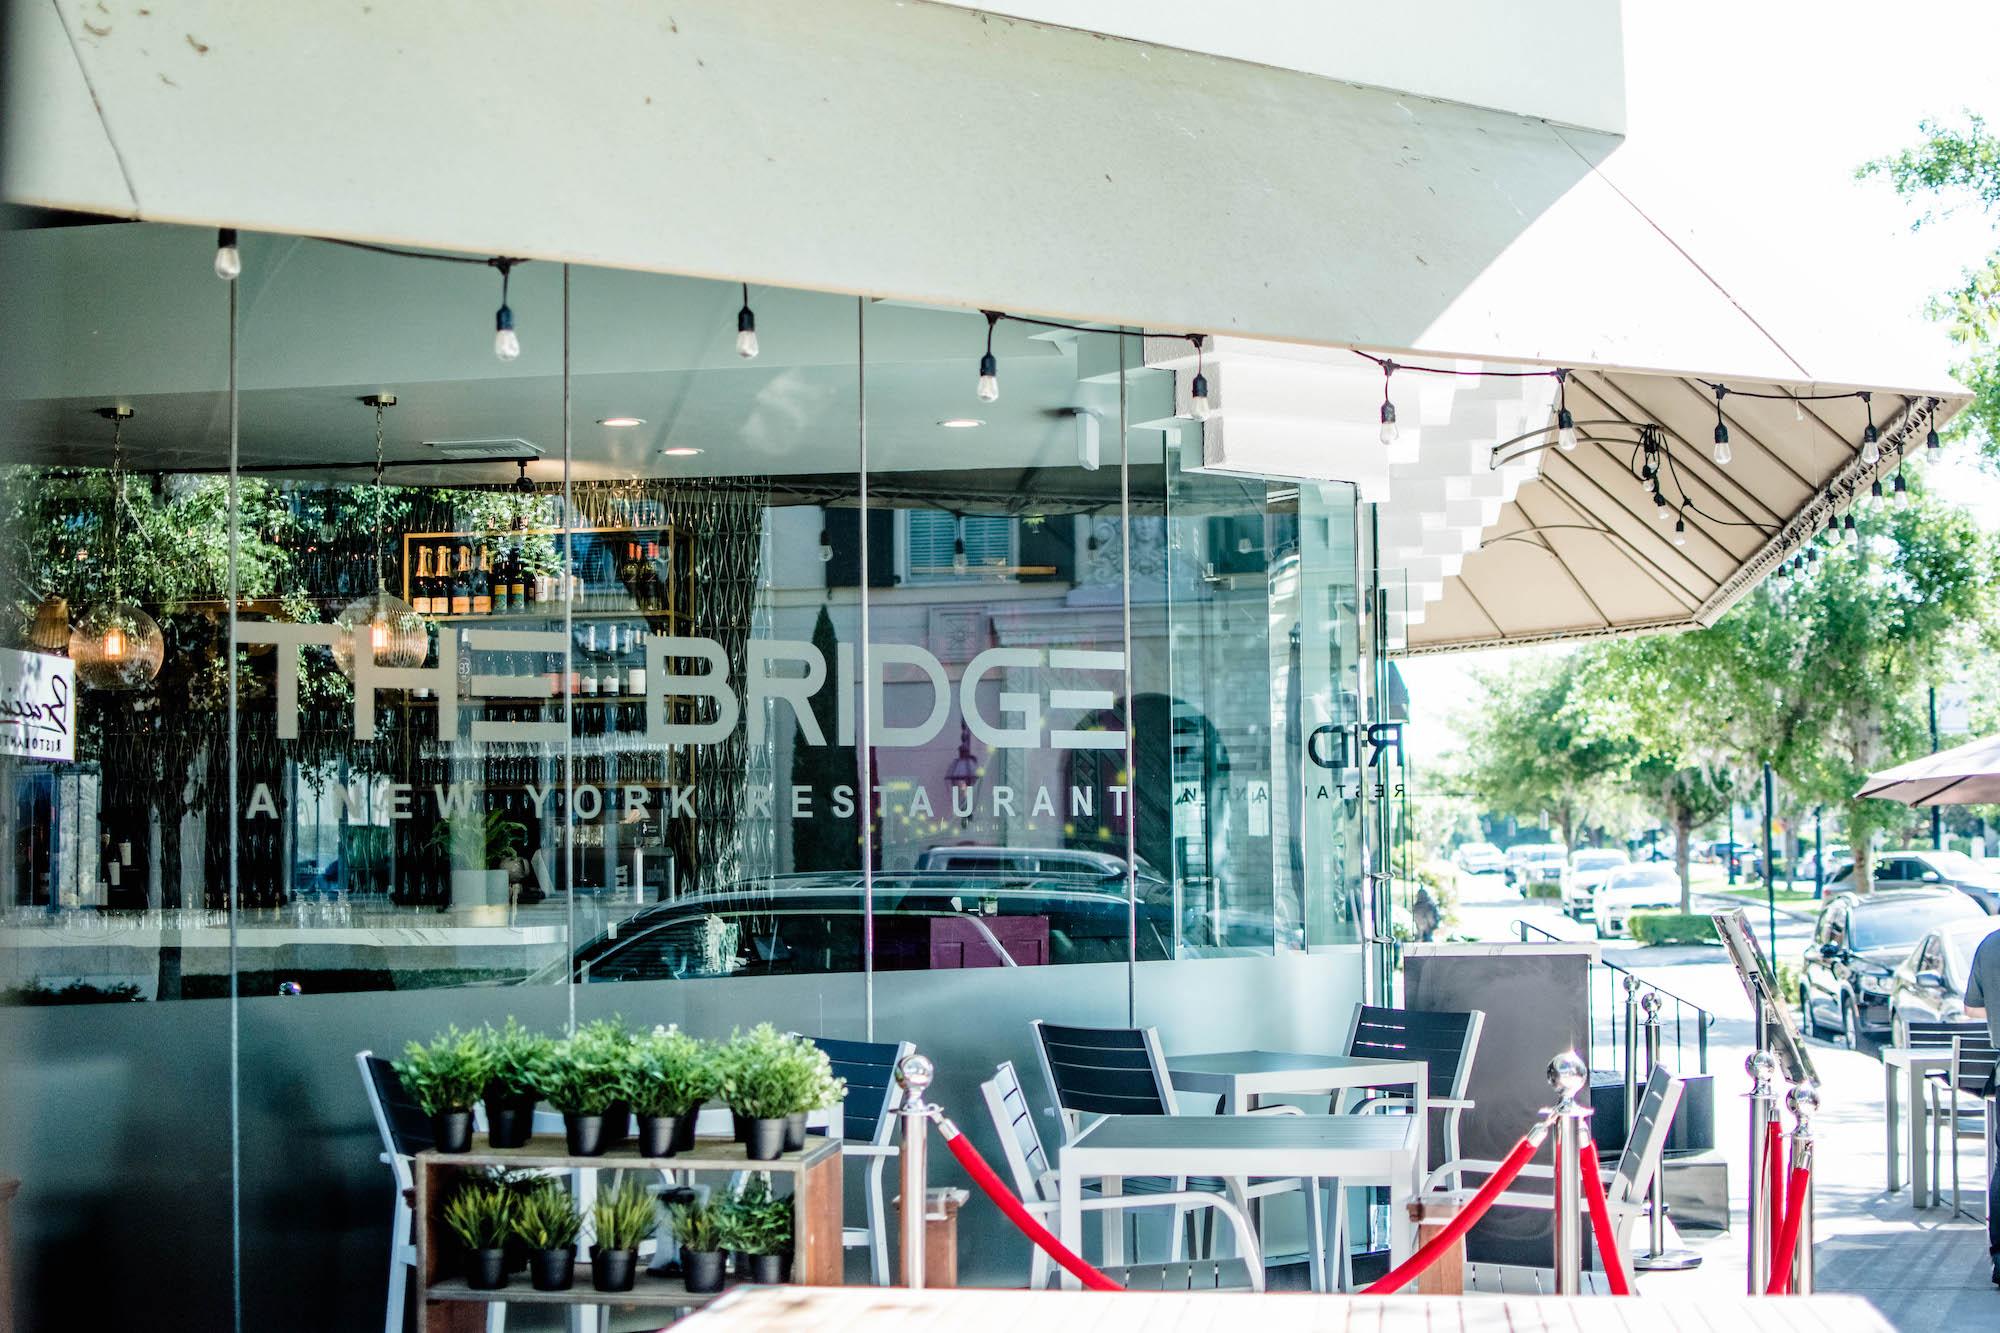 Exterior of The Bridge restaurant in Winter Park.